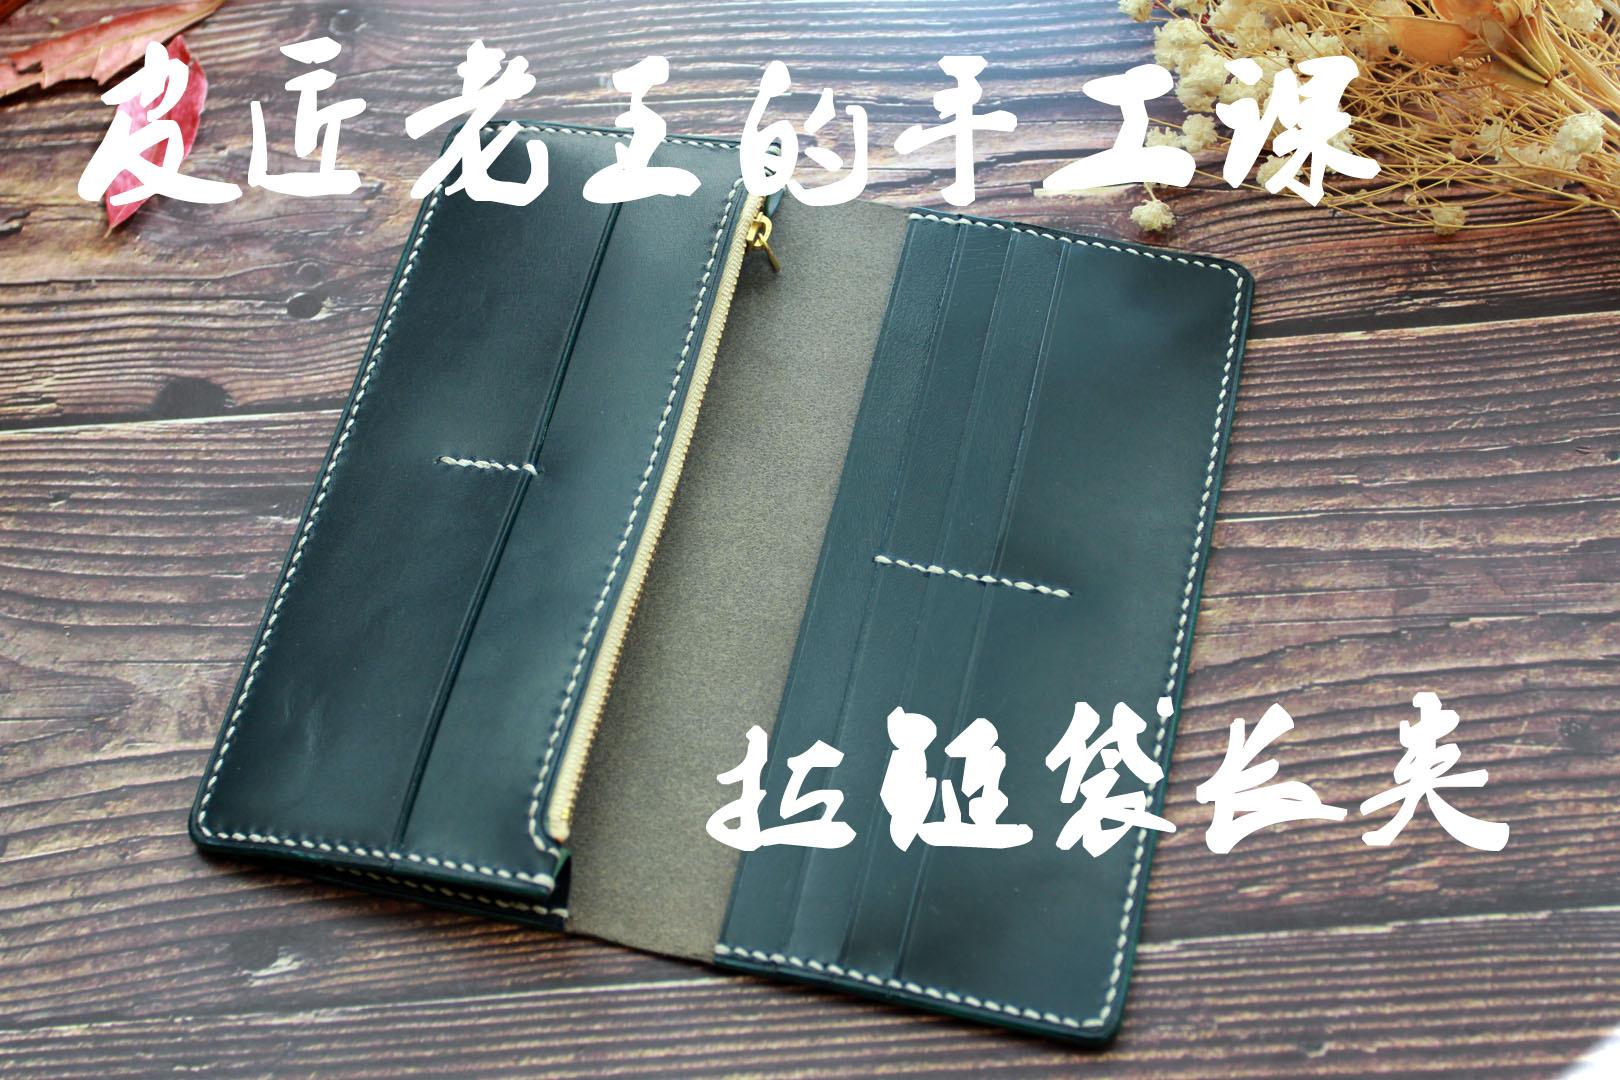 皮匠老王的手工课 拉链内袋长夹制作教程 手工DIY自制钱包过程